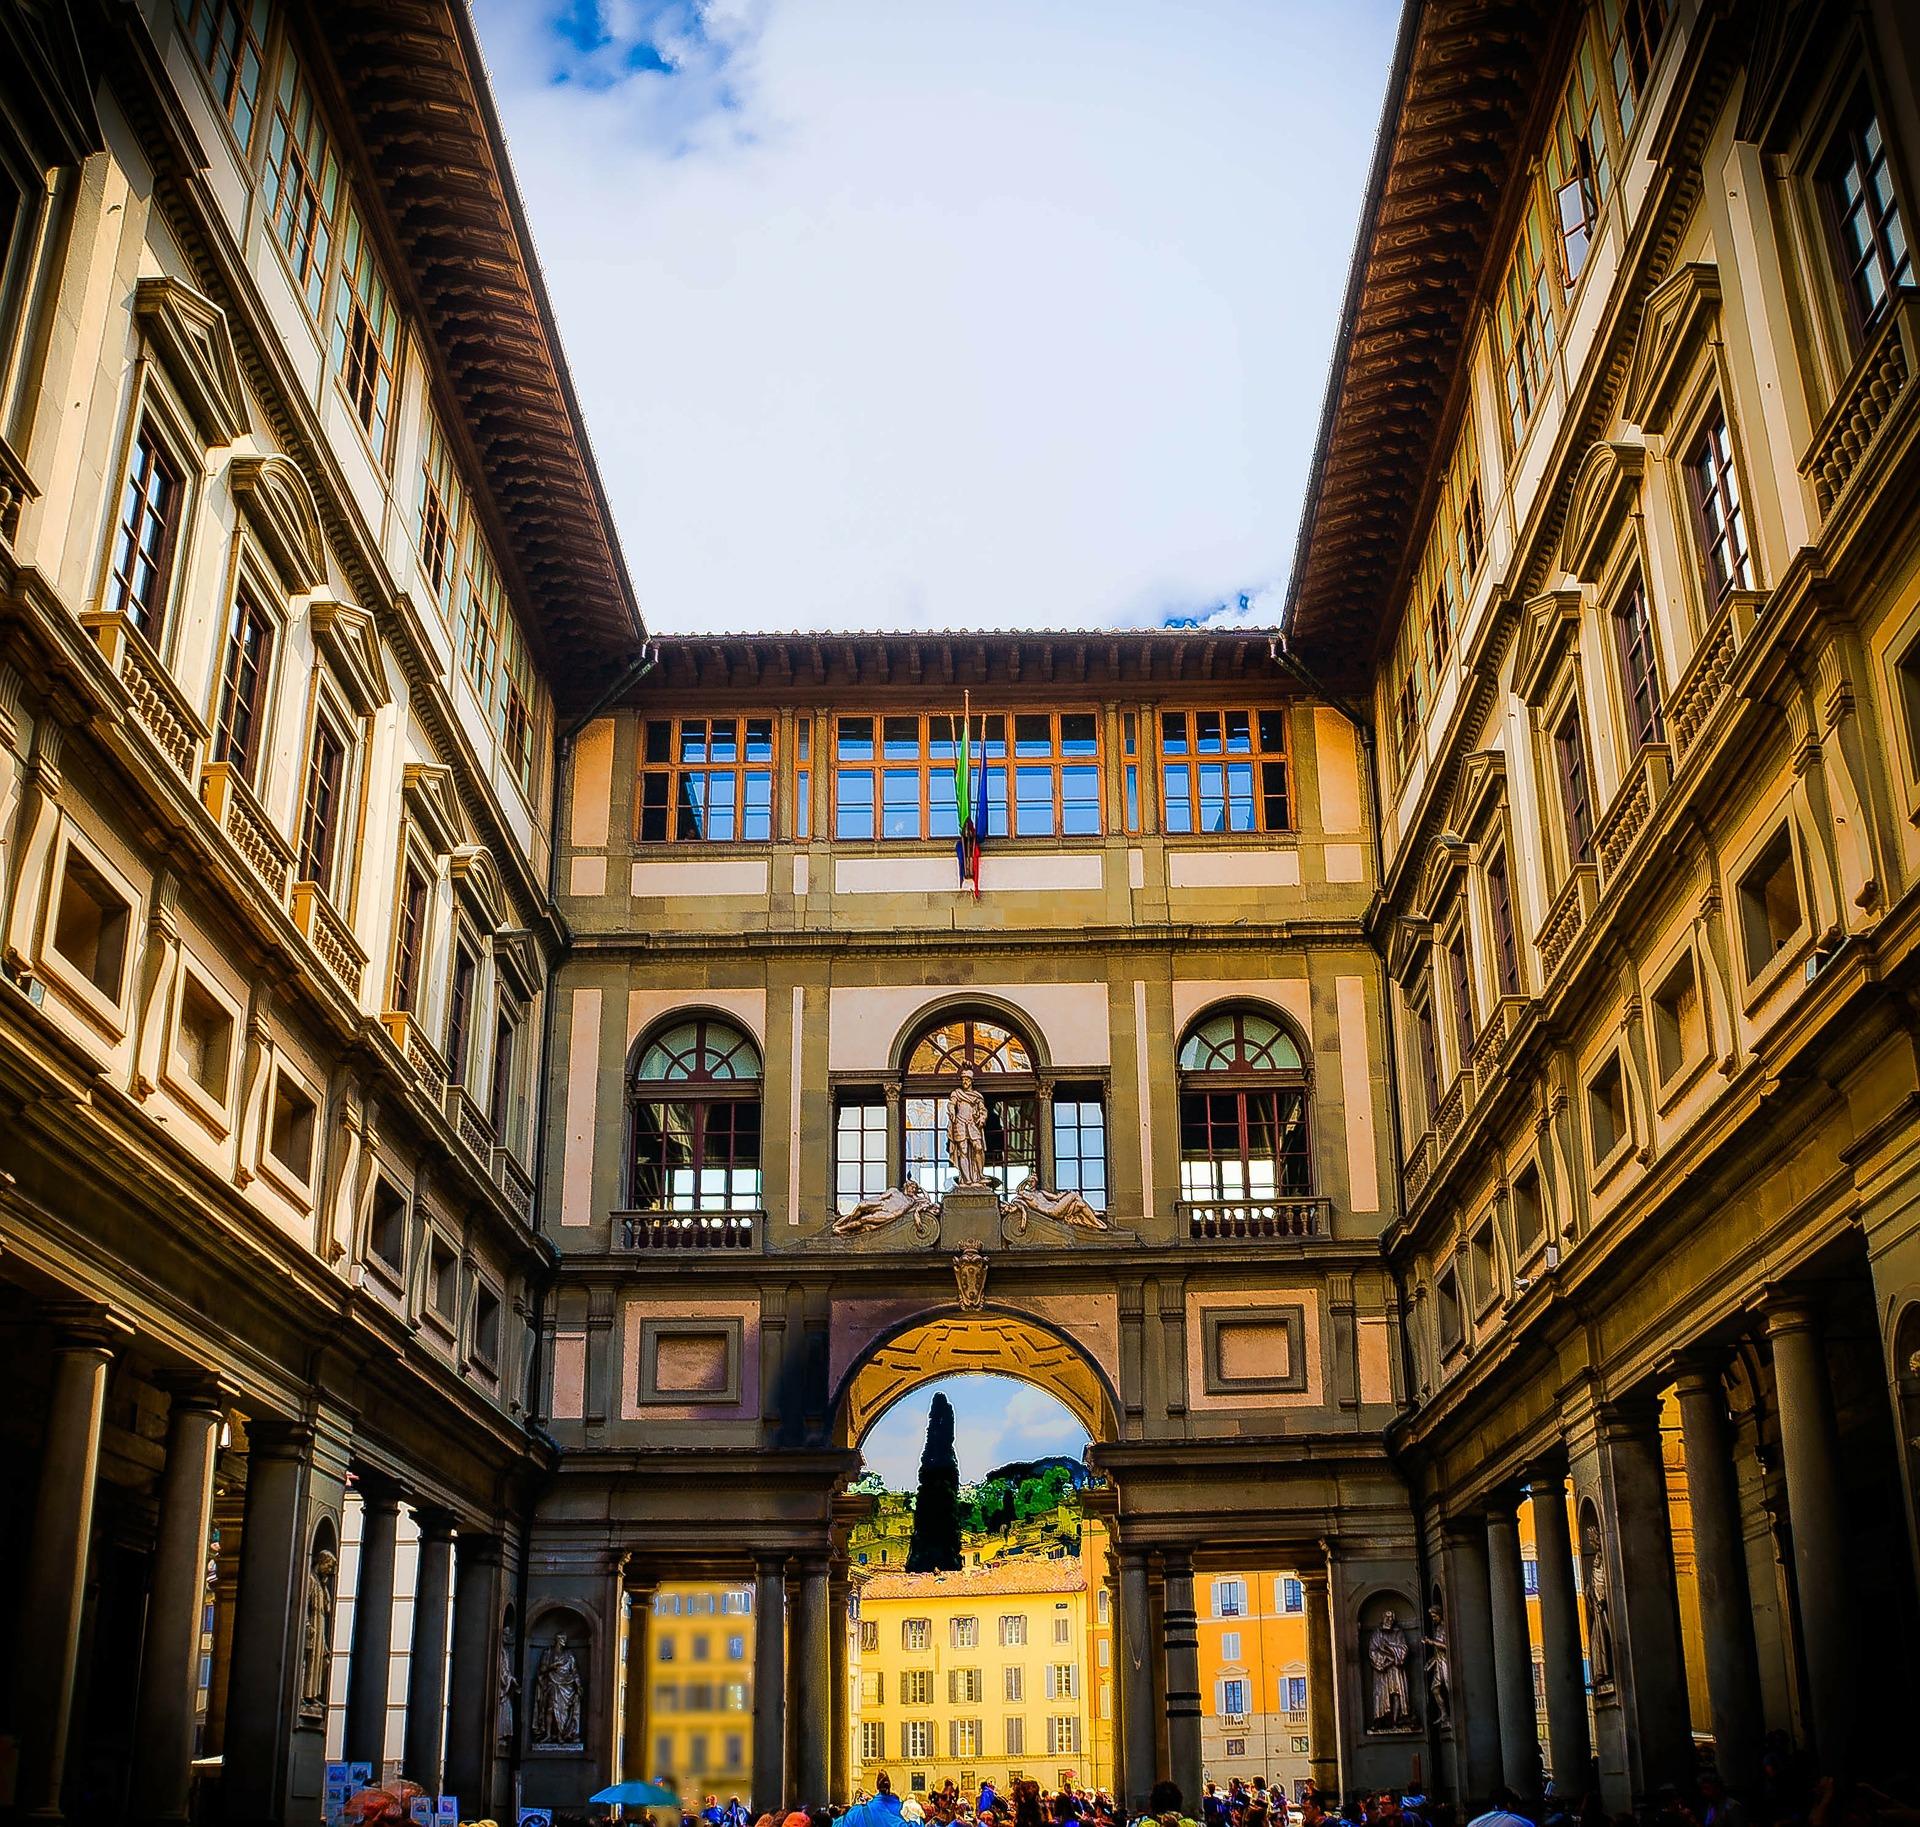 Uffizi Gallery Florence Italy art Renaissance